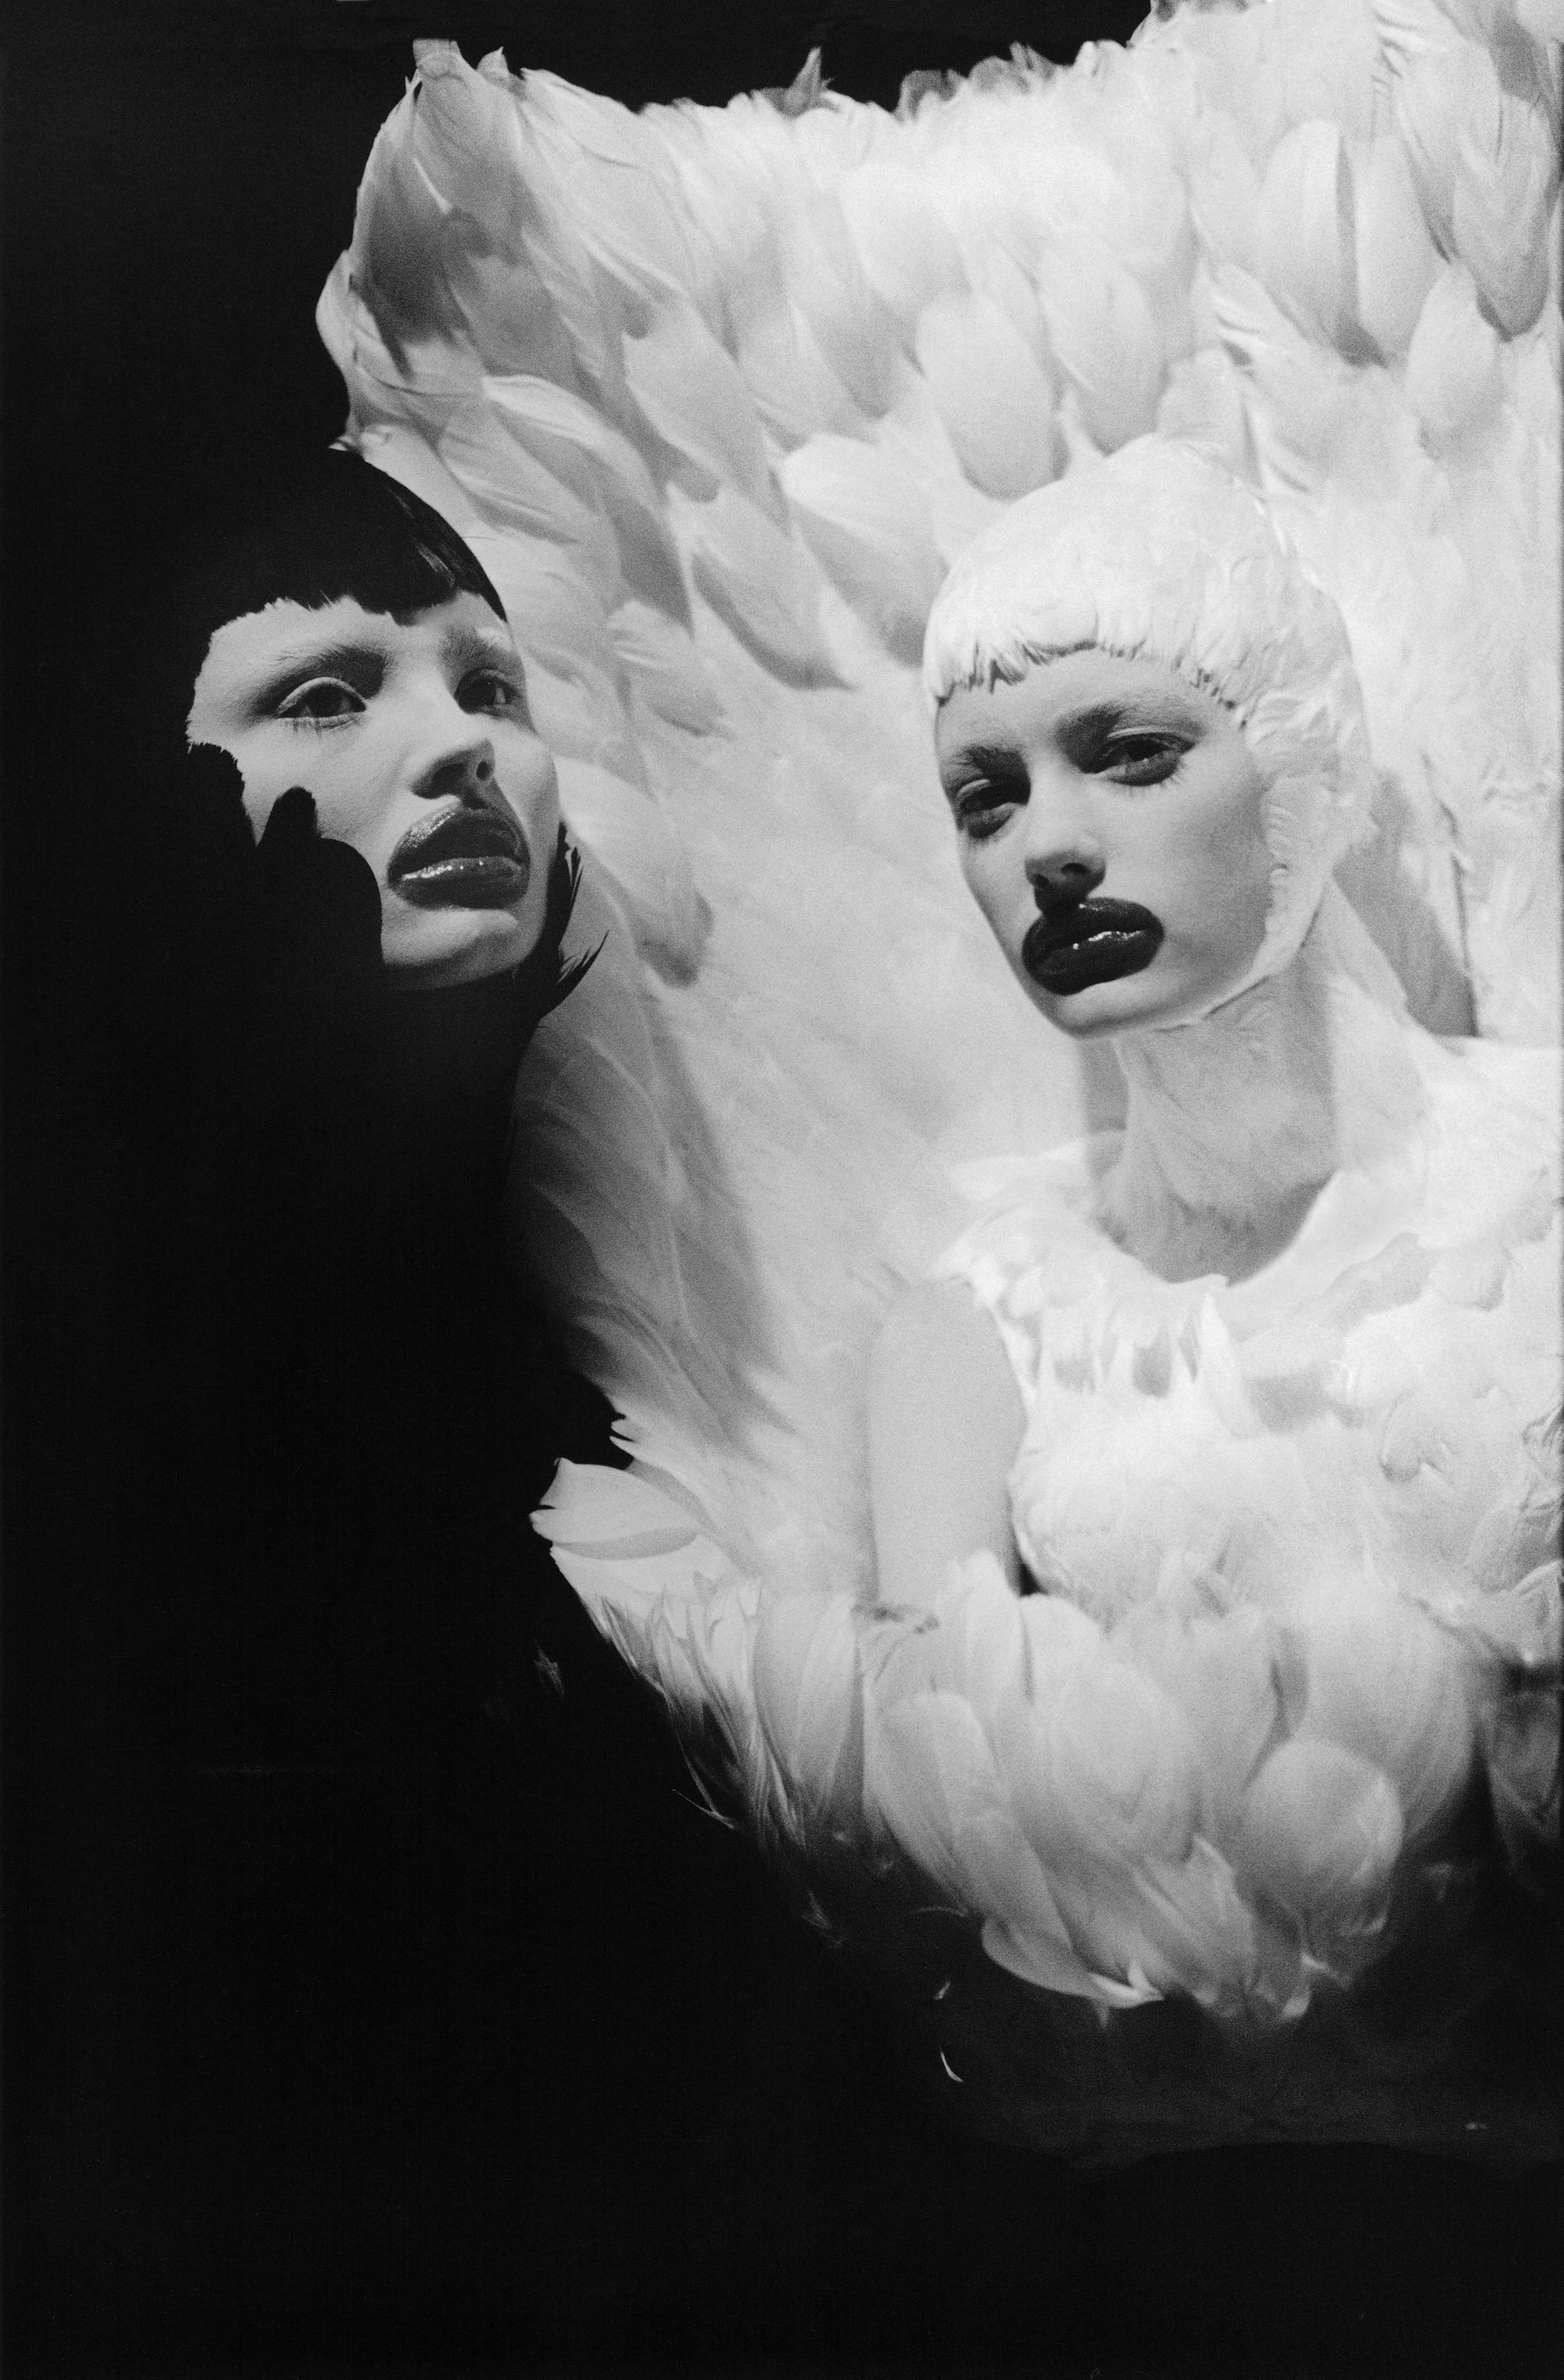 安·雷,《不落的天使I》,巴黎,2009